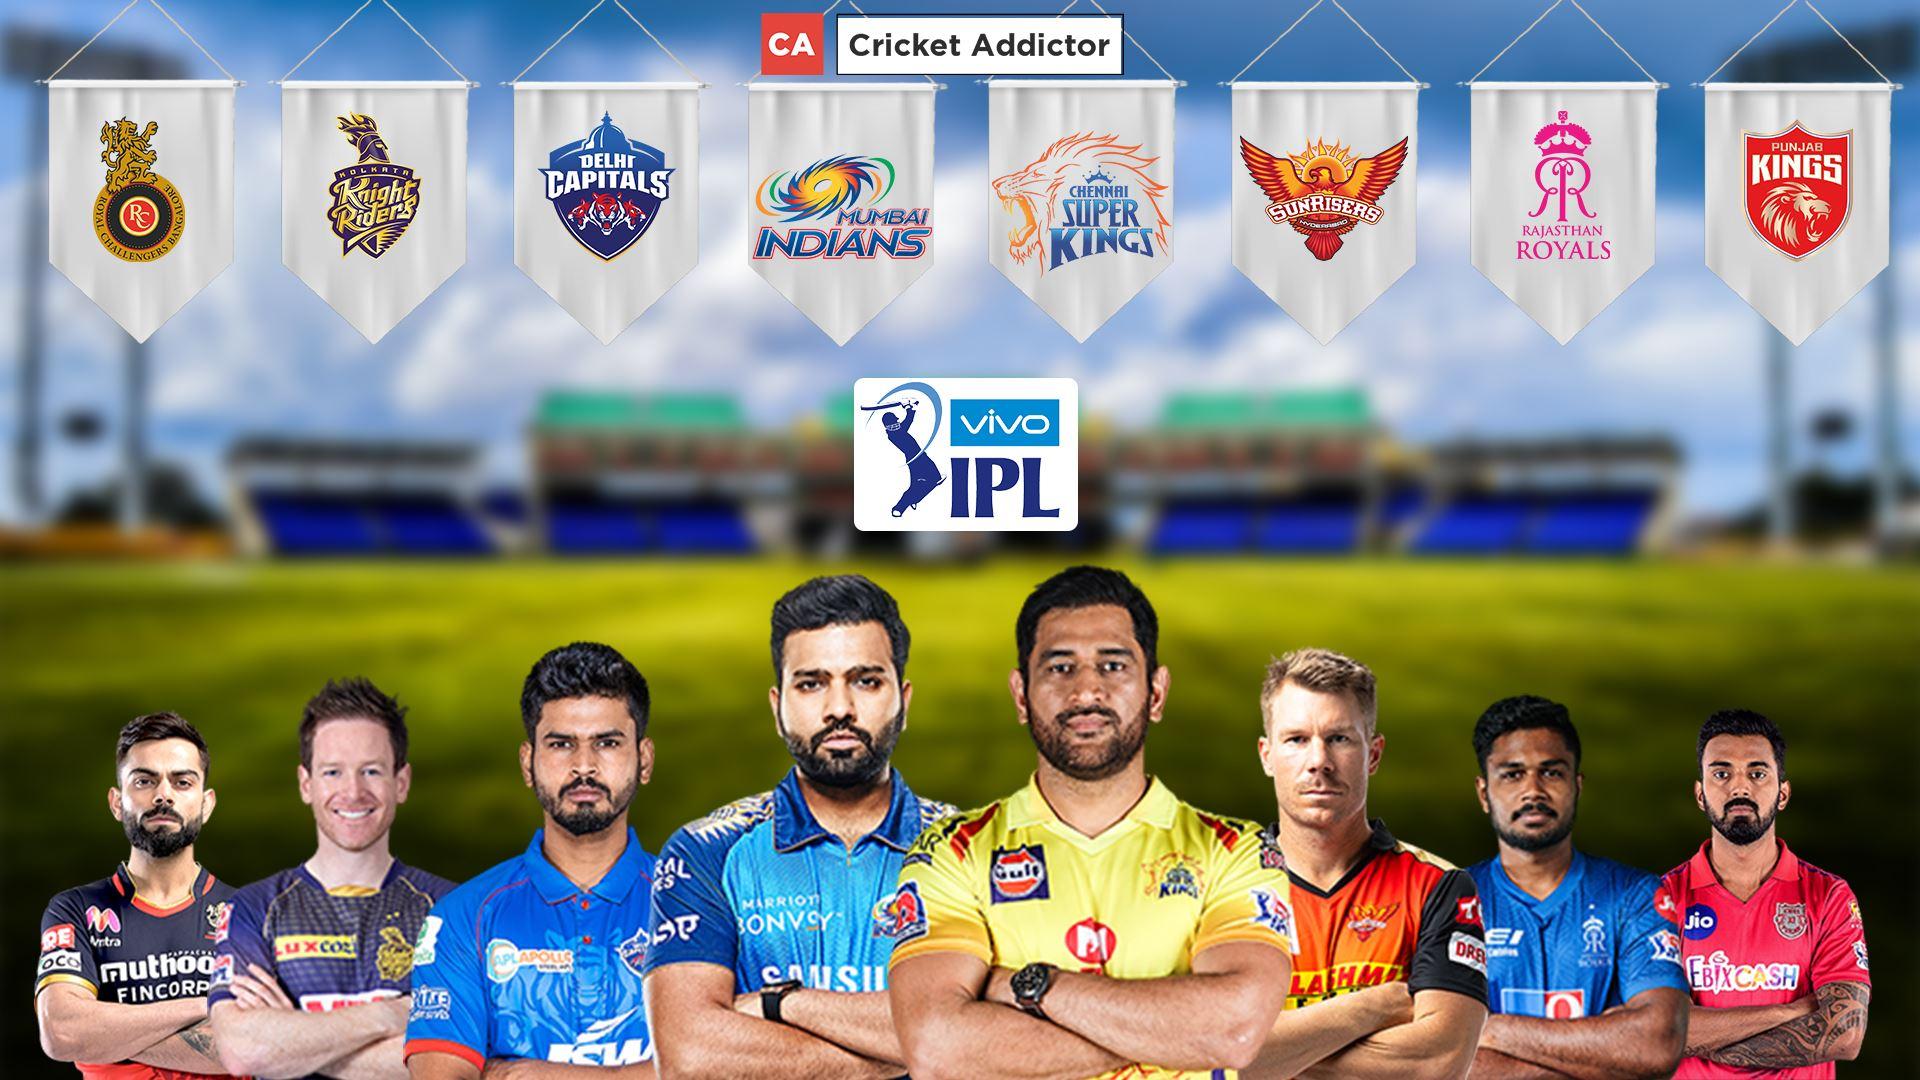 IPL 2021: Schedule, Date, Auction, Team List, Complete Squads, Venue